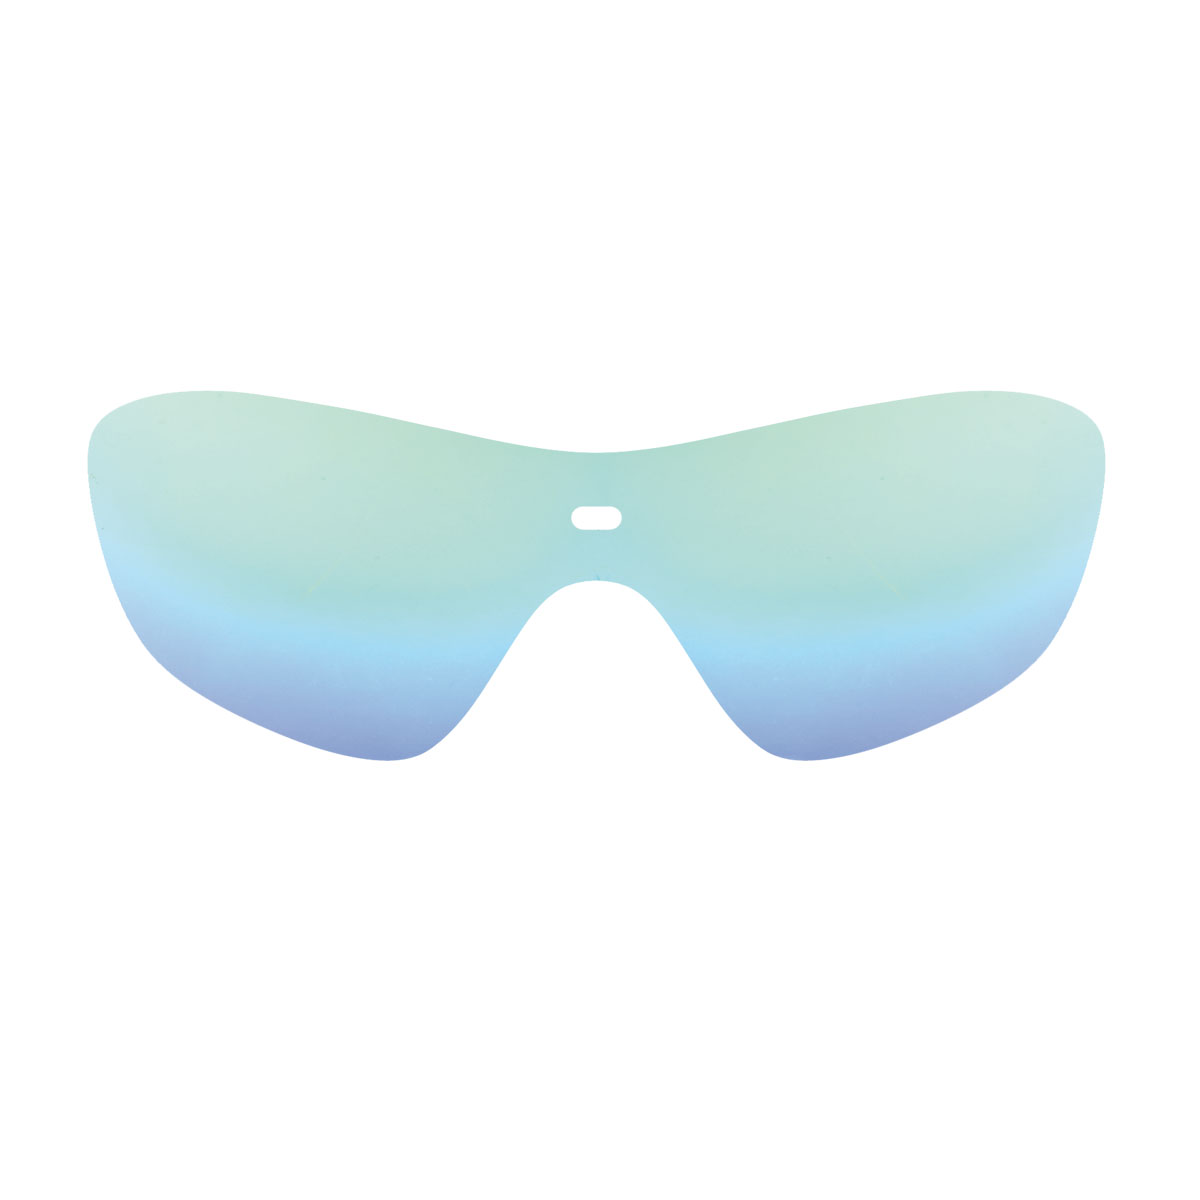 X-Kross Lifestyle Scheibe - Sziols - blue mirror